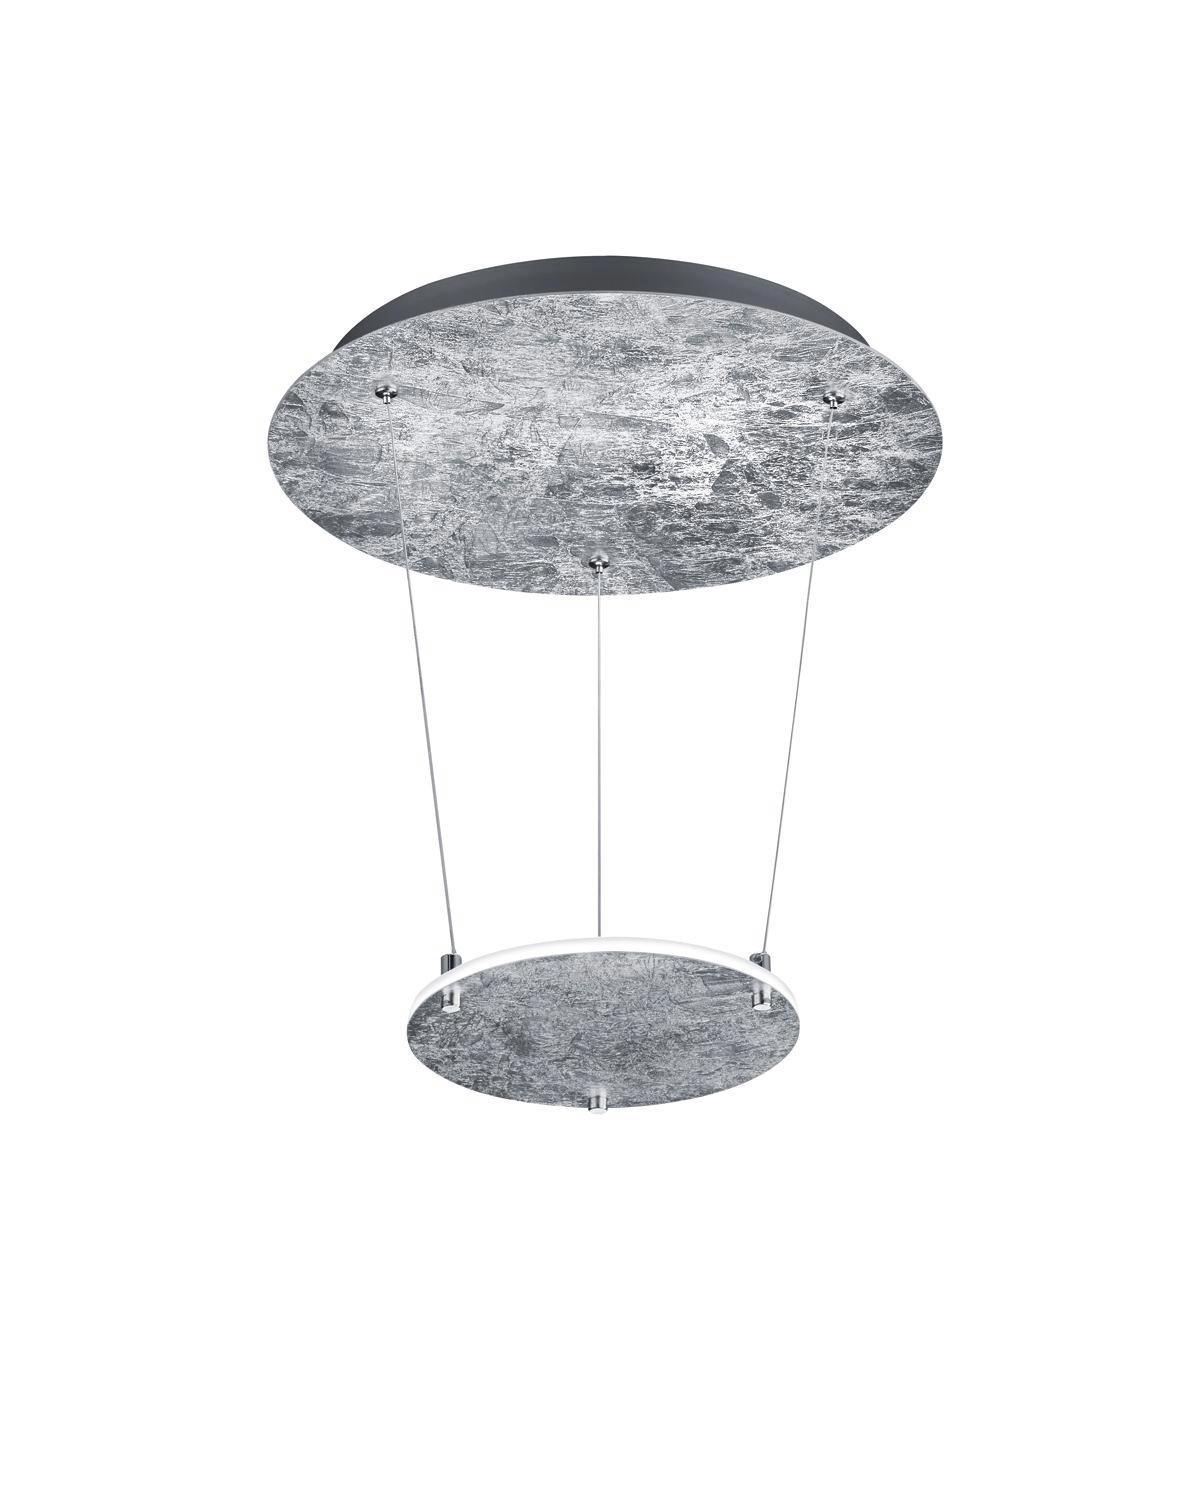 LED-HÄNGELEUCHTE - Silberfarben, Design, Metall (36,0/50,0cm)